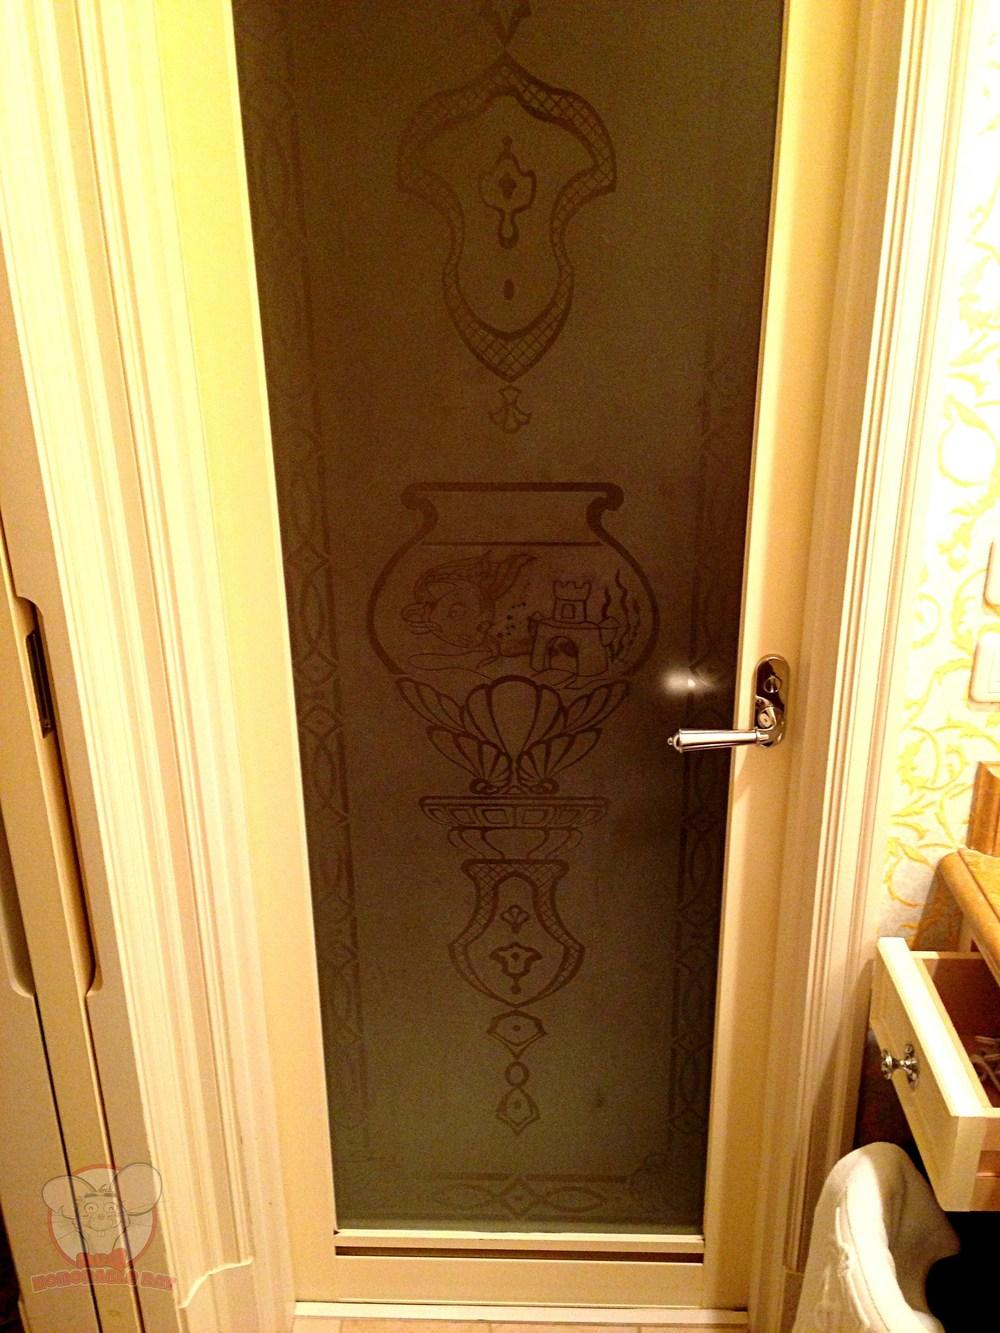 Cleo on the toilet's door